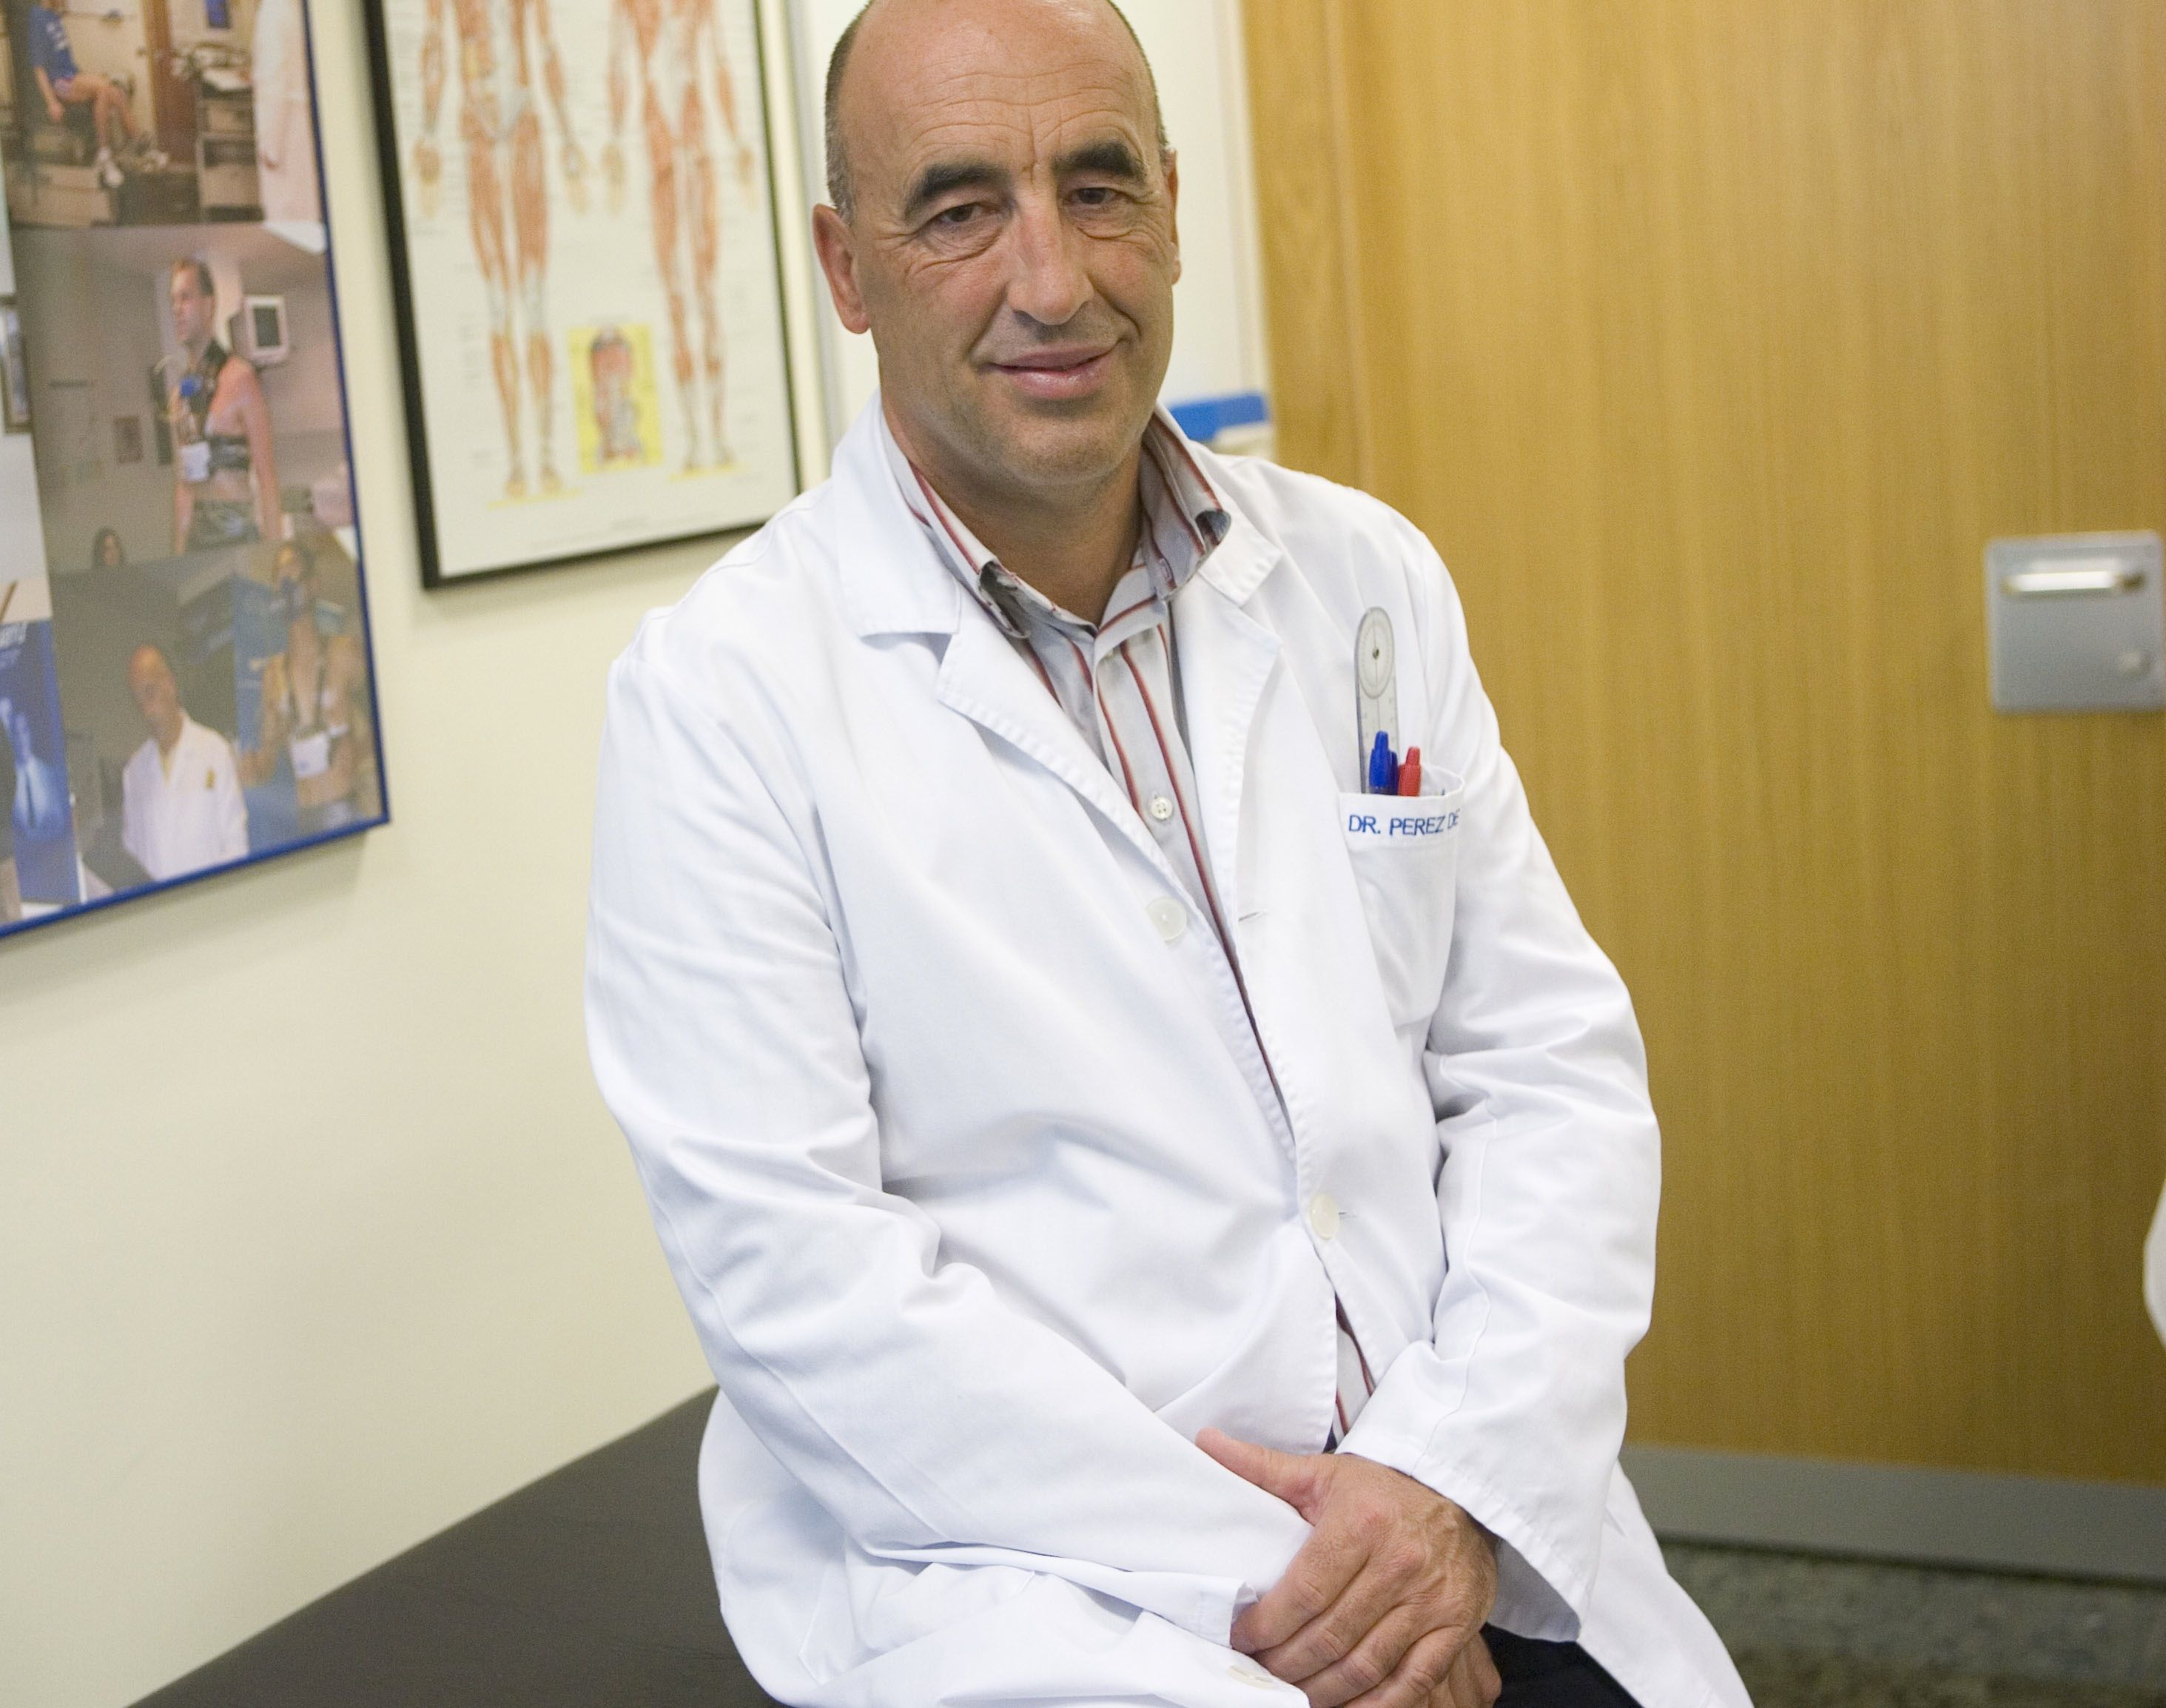 Fotografia Enrique Pérez de Ayala, Jefe del Servicio de Medicina